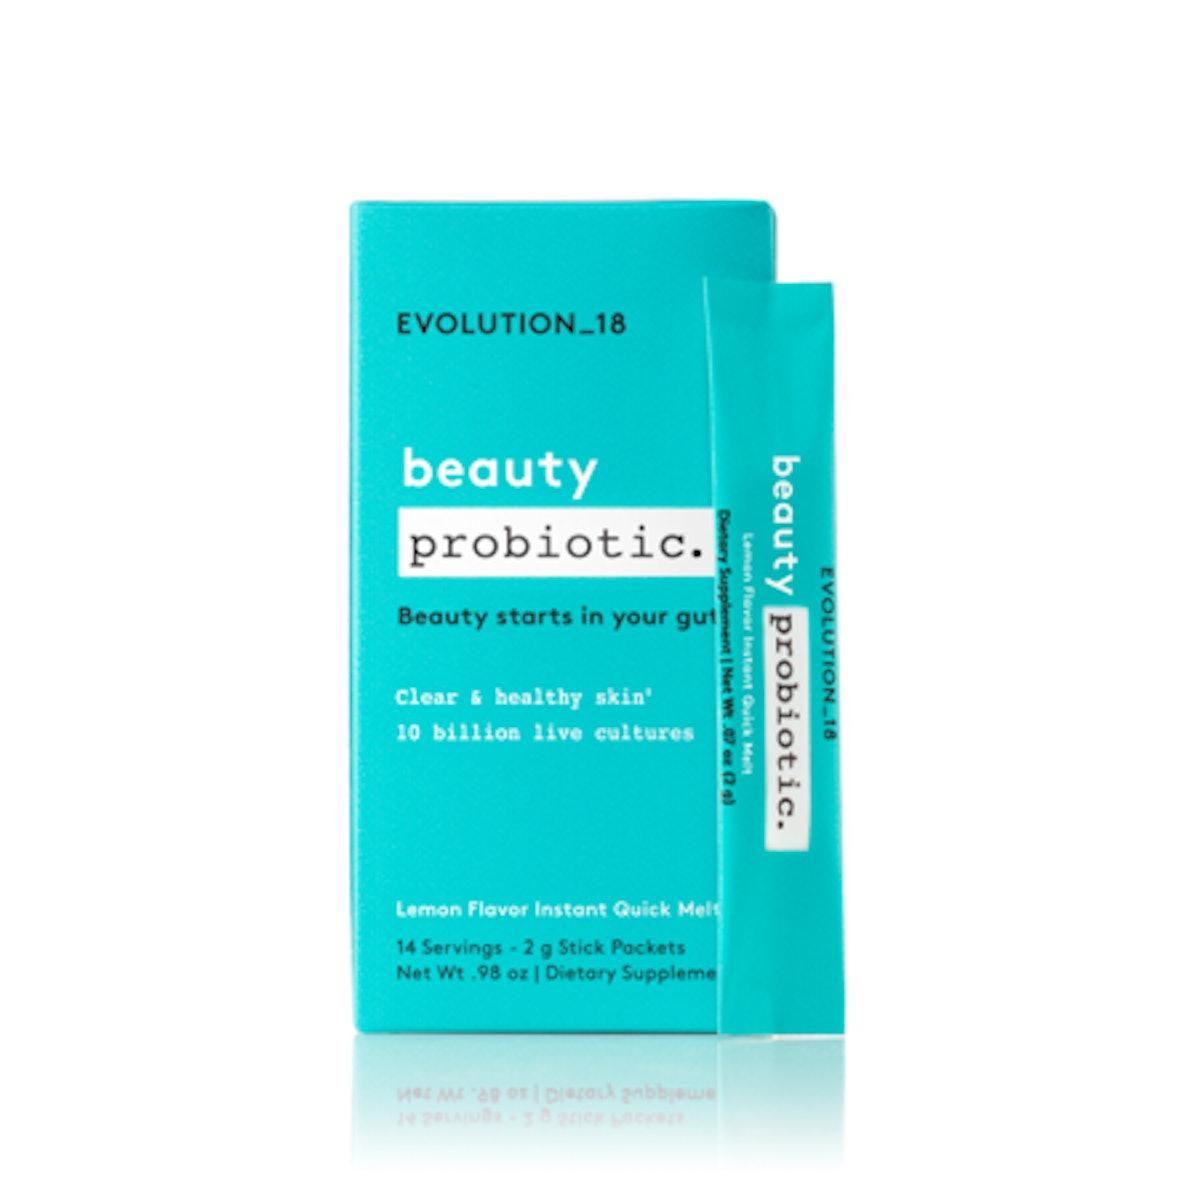 EVOLUTION_18 Probiotic Beauty Blend Quick Melt, Lemon, 14 Servings